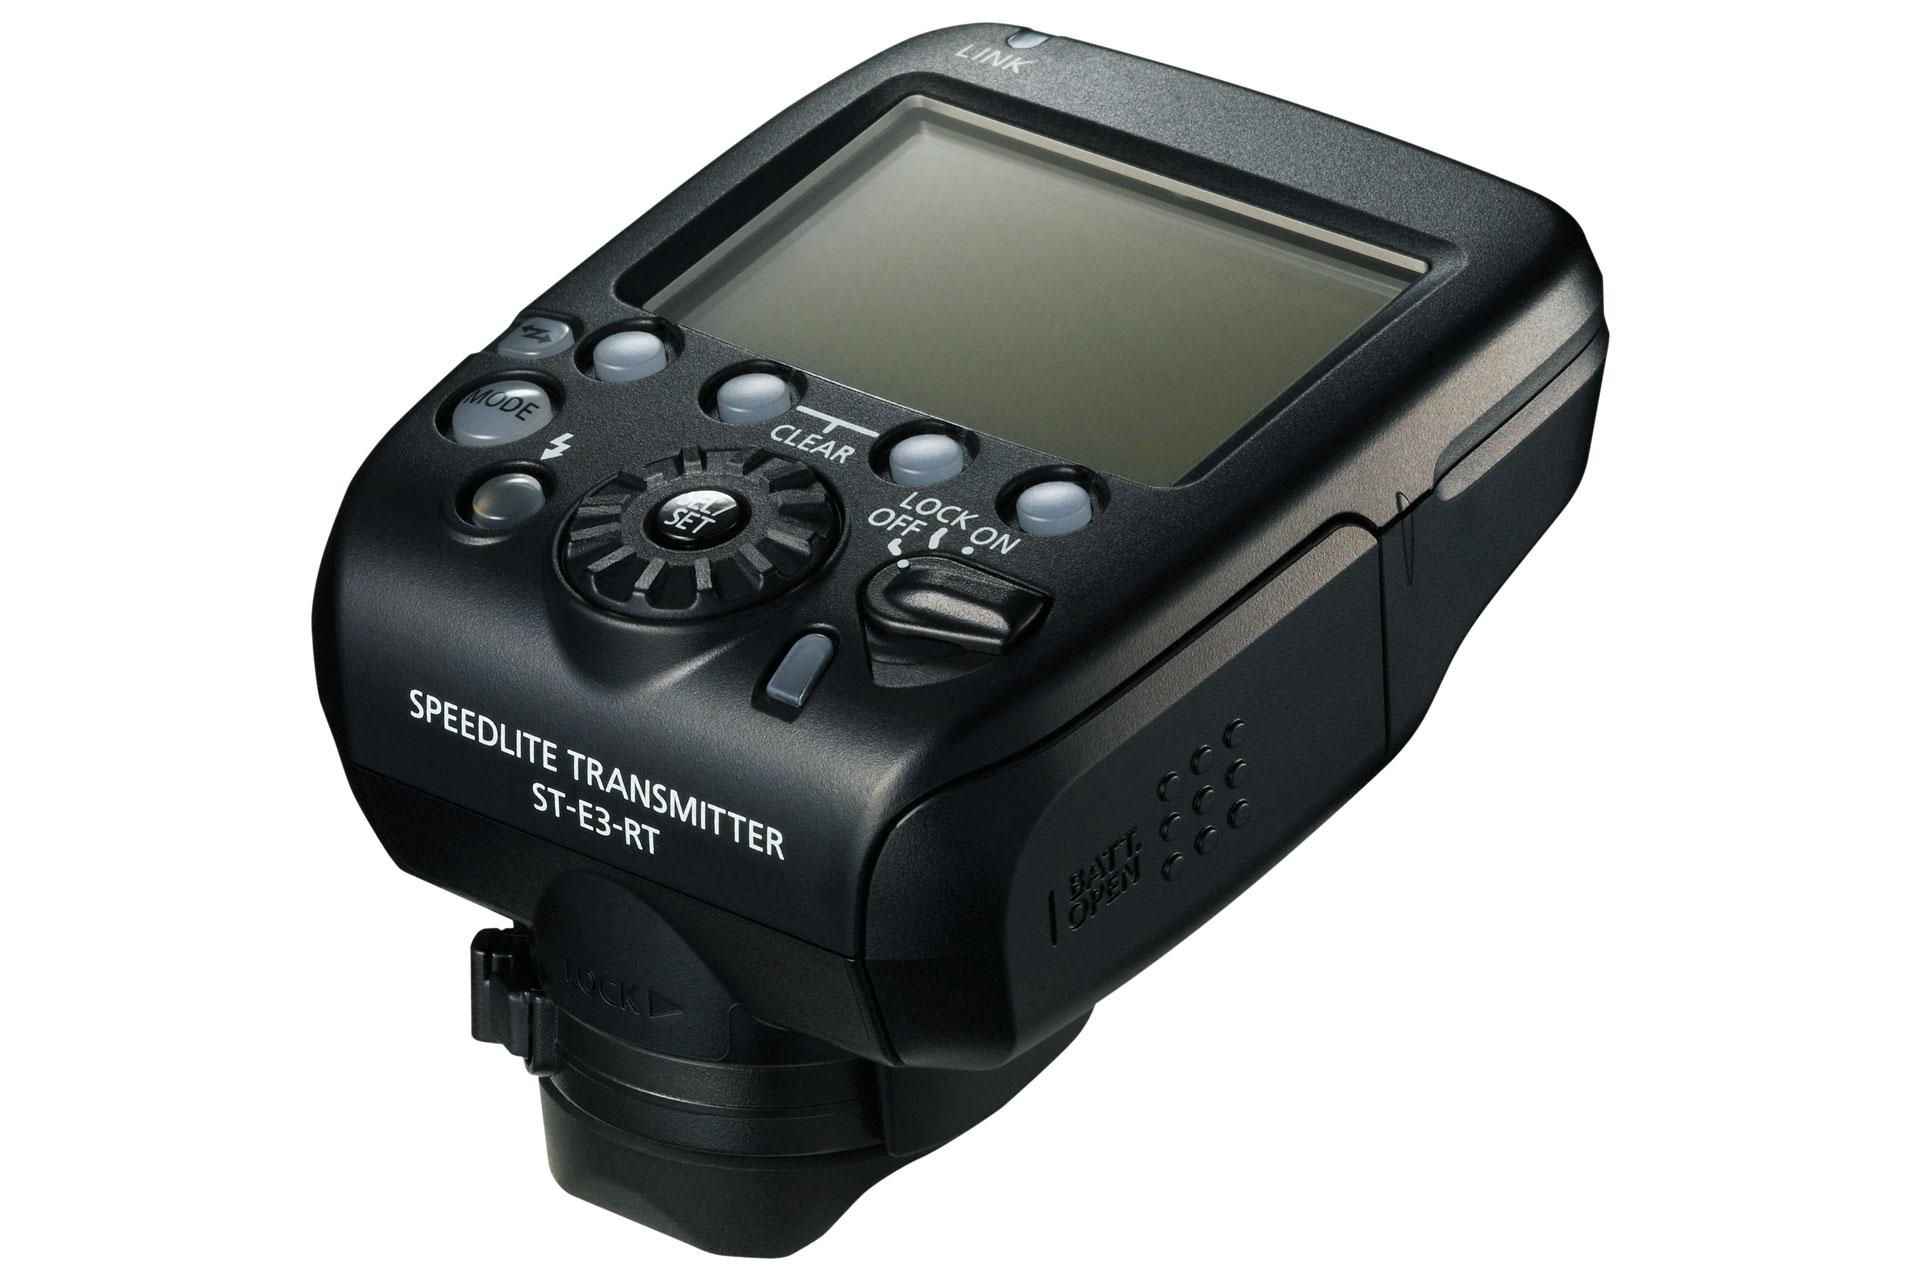 Transmitter Canon ST-E3-RT V2